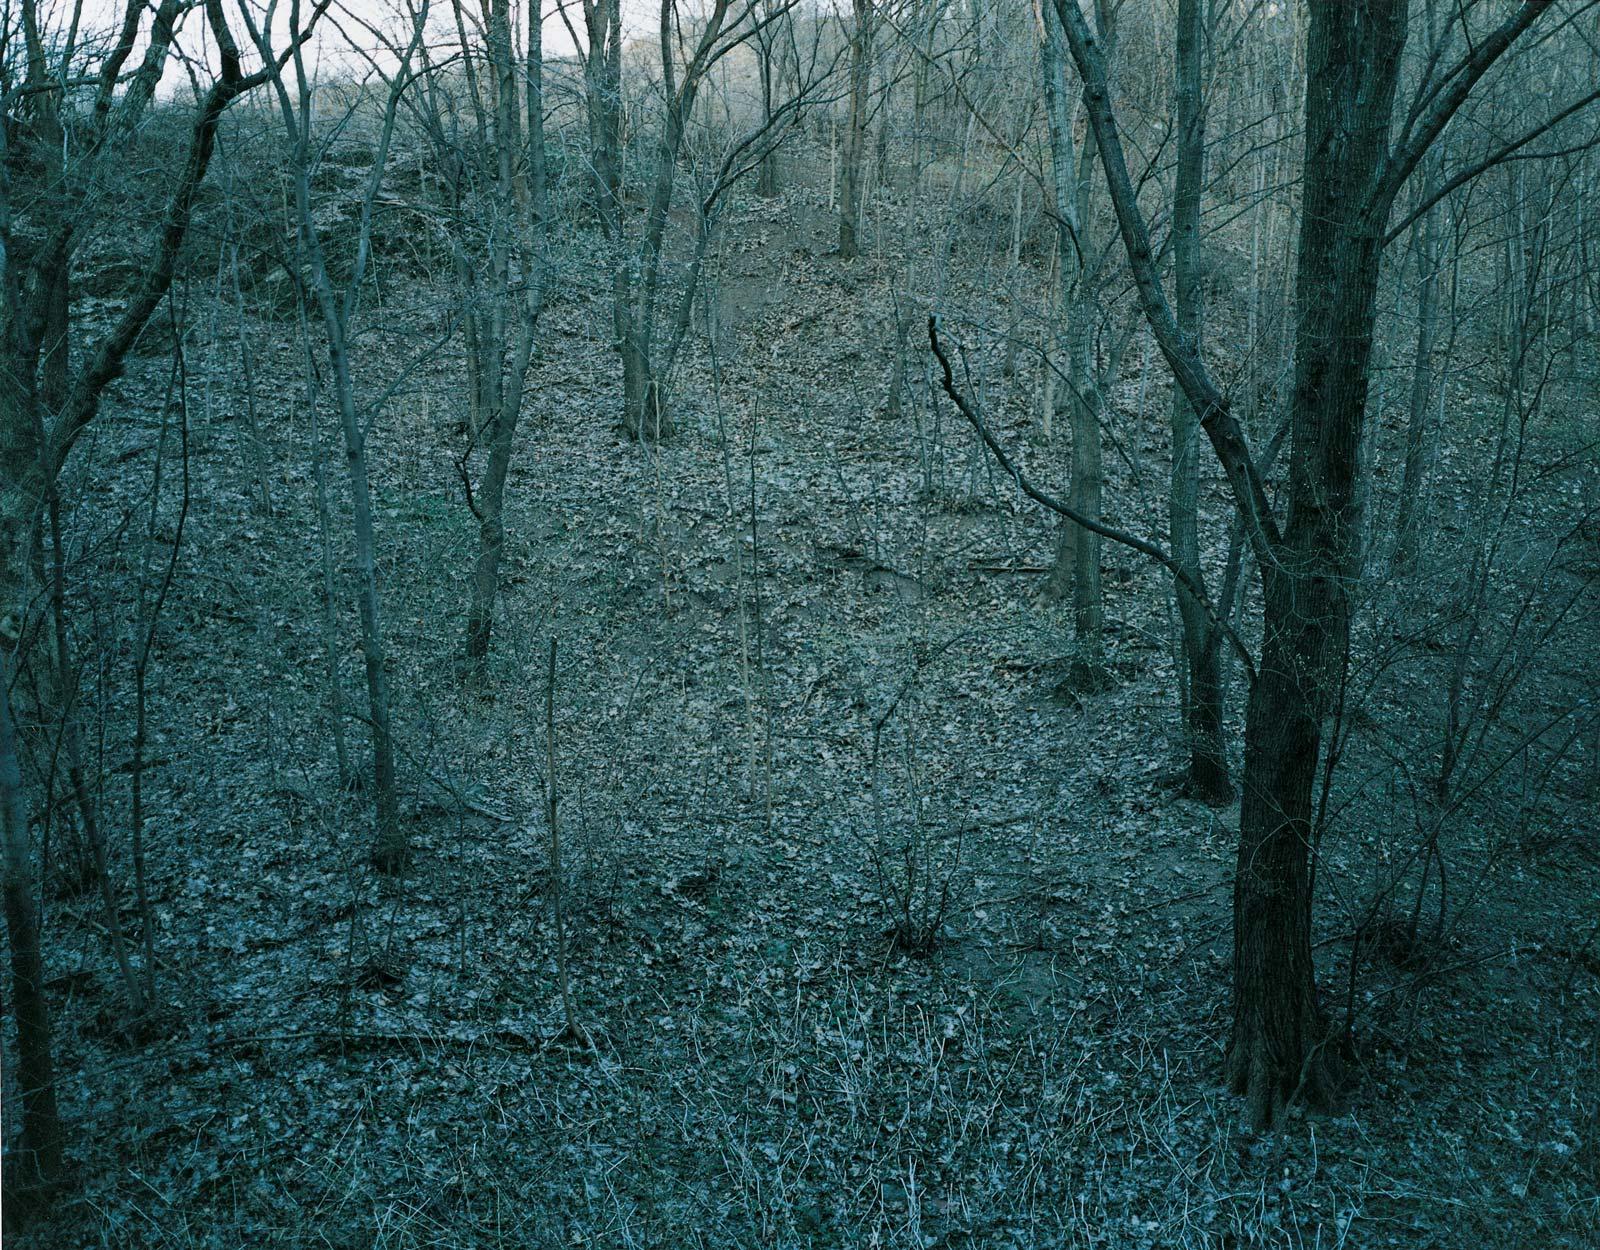 Eline Mugaas, Backyard Forest Grey, 2003, C-print on pvc, 100 x 125 cm